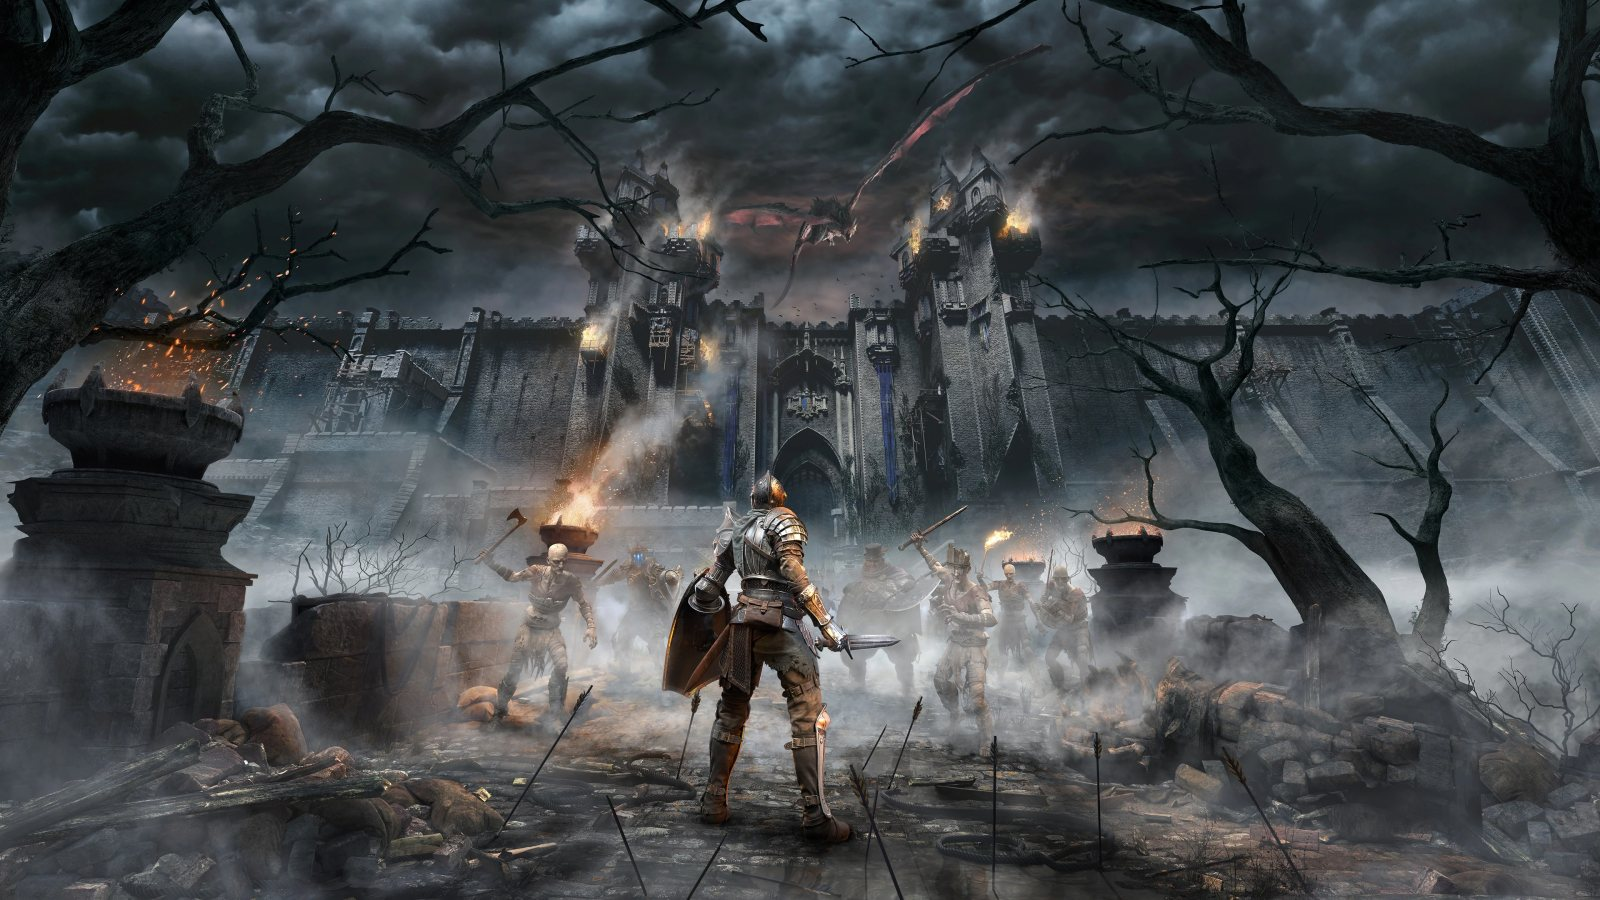 《恶魔之魂 重制版》公布发售宣传片以及18分钟演示